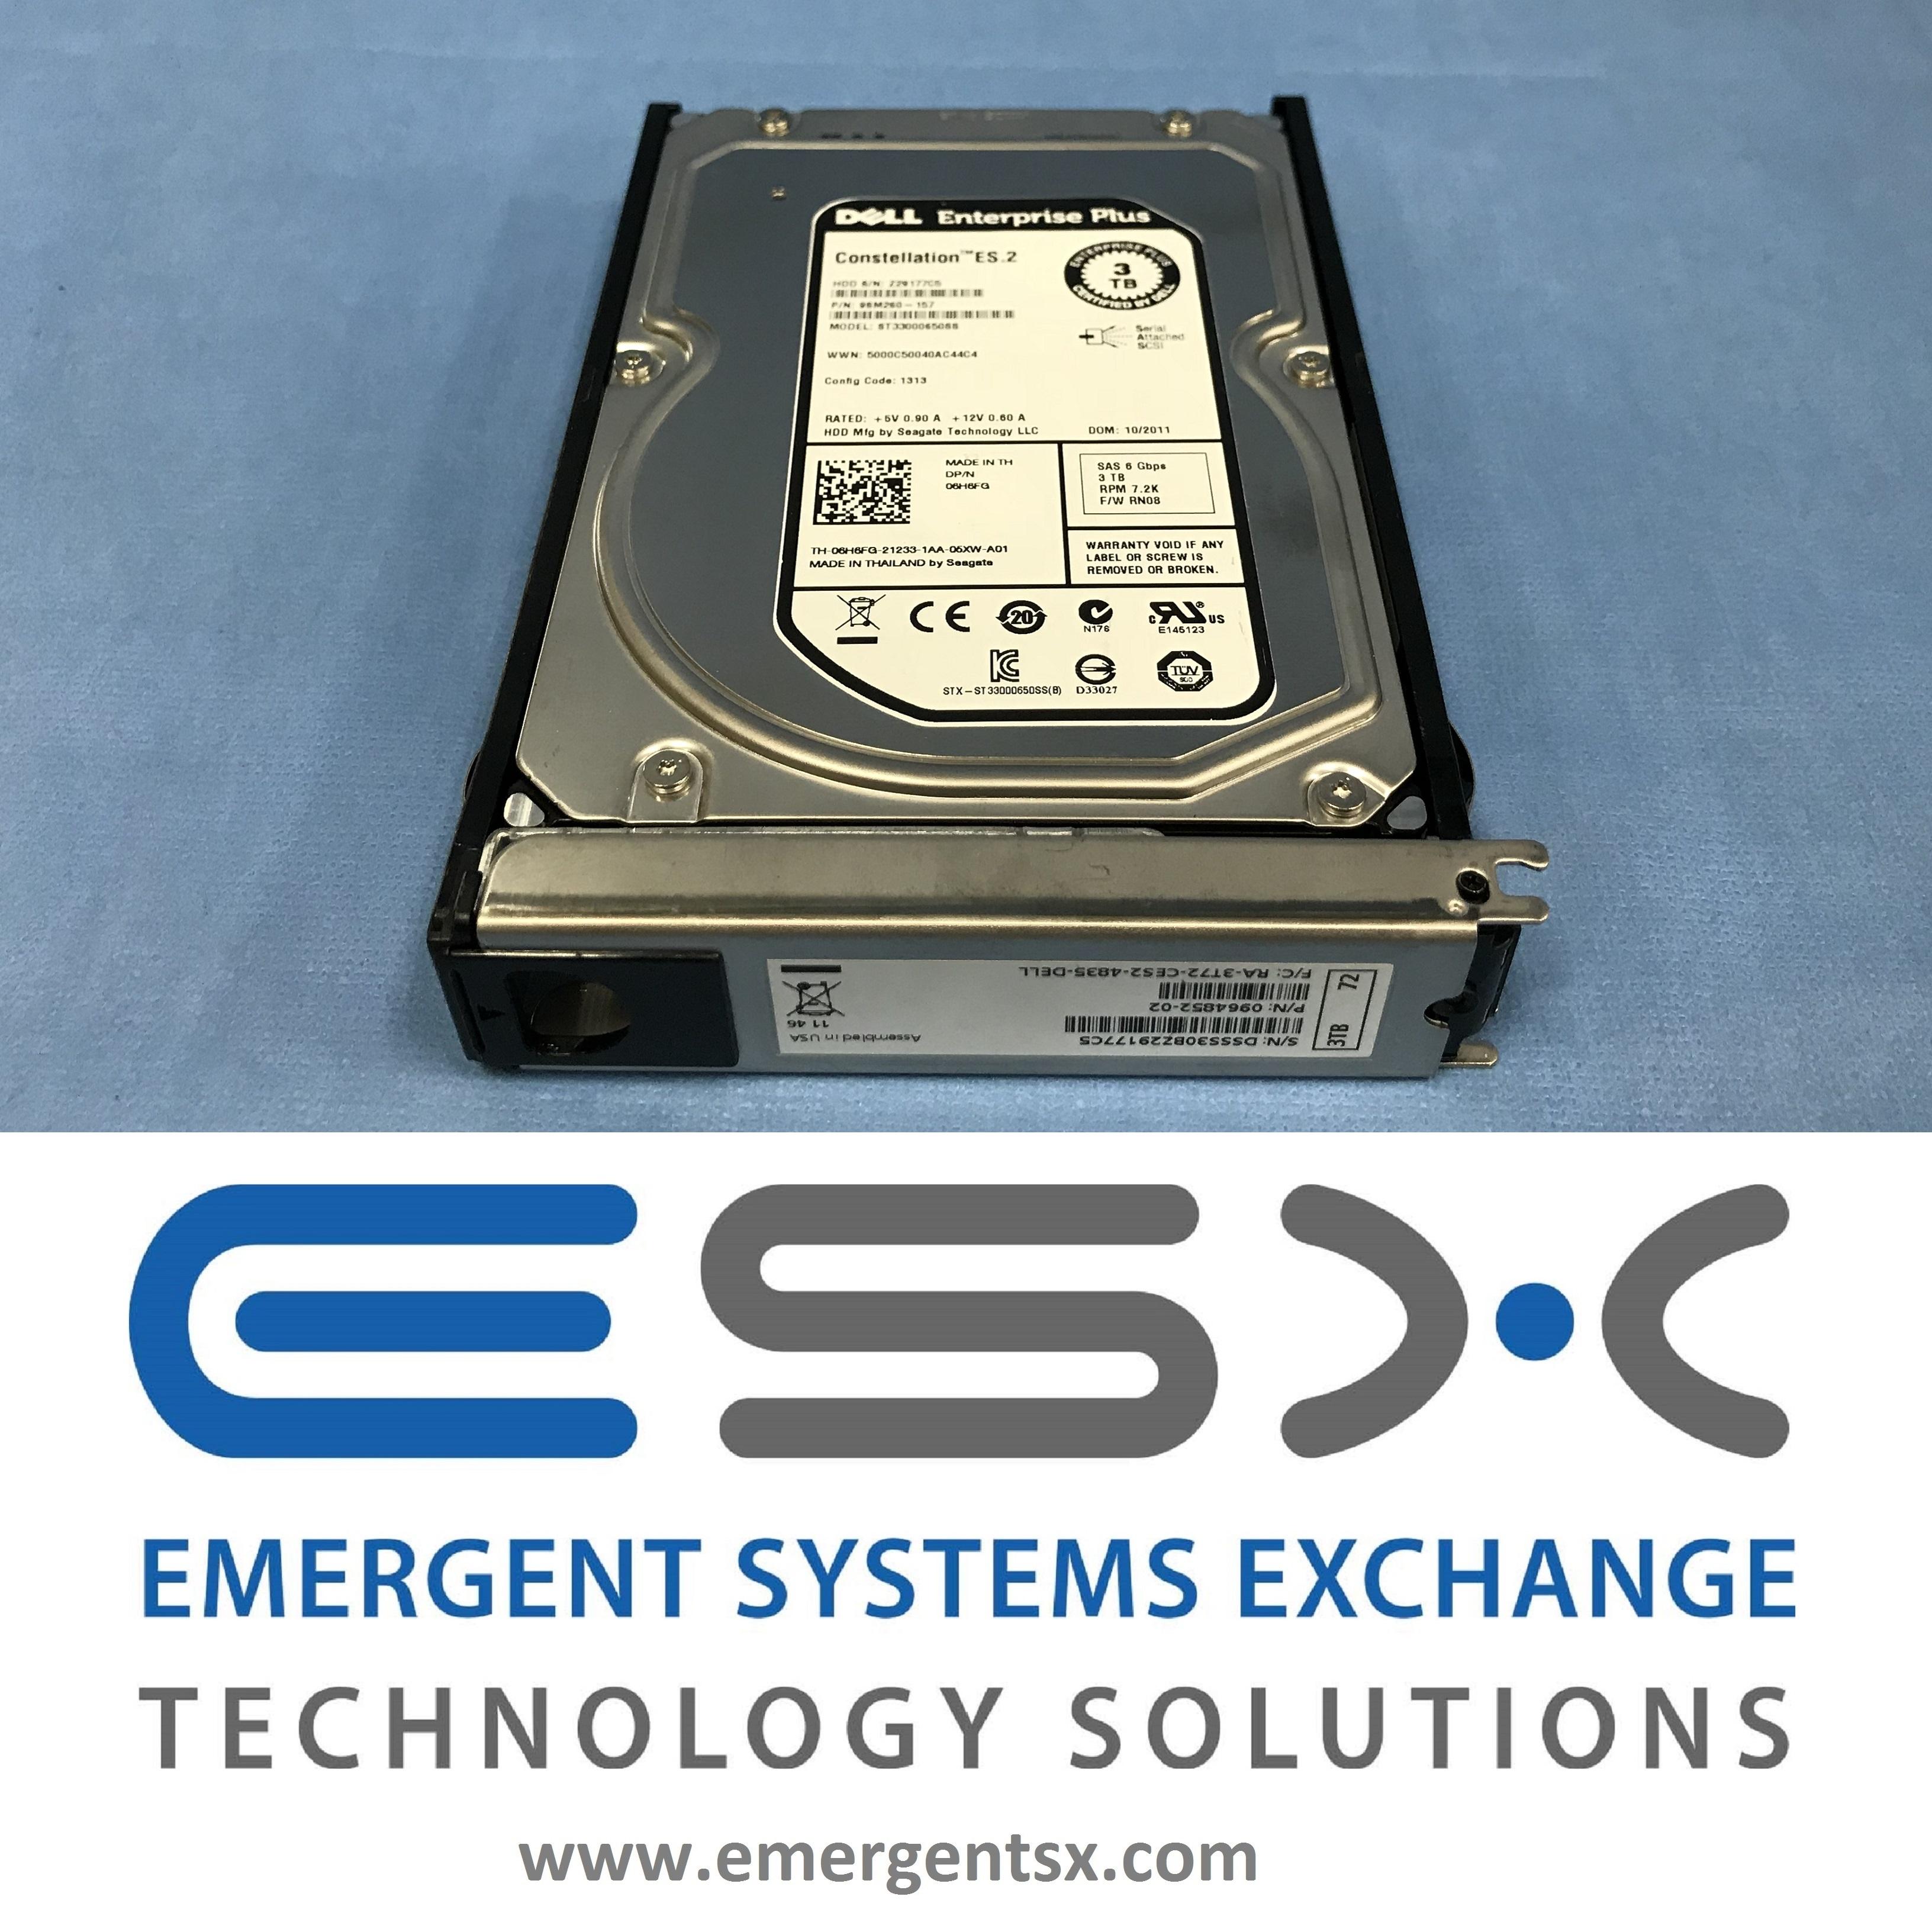 6H6FG 06H6FG ST33000650SS DELL 3TB 7.2K 6G LFF 3.5/'/' SAS HDD HARD DRIVE NO TRAY